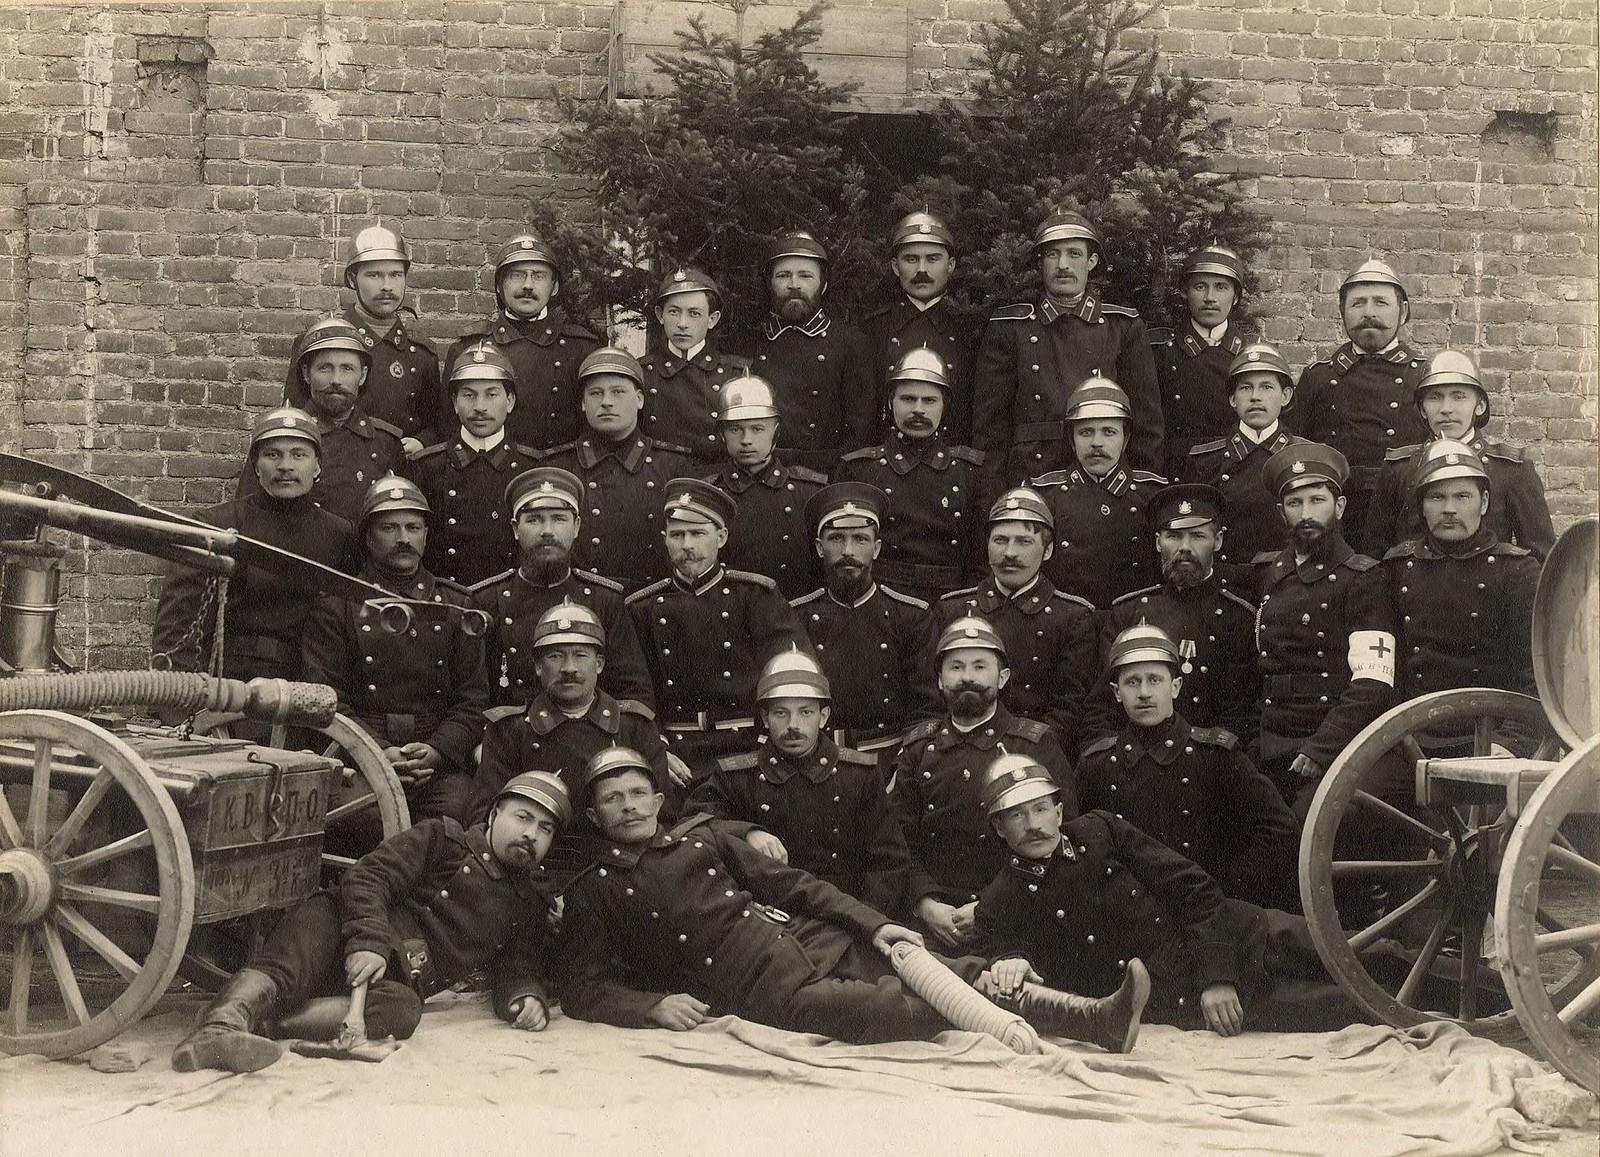 Пожарная дружина Красноярского вольнопожарного общества. 1910